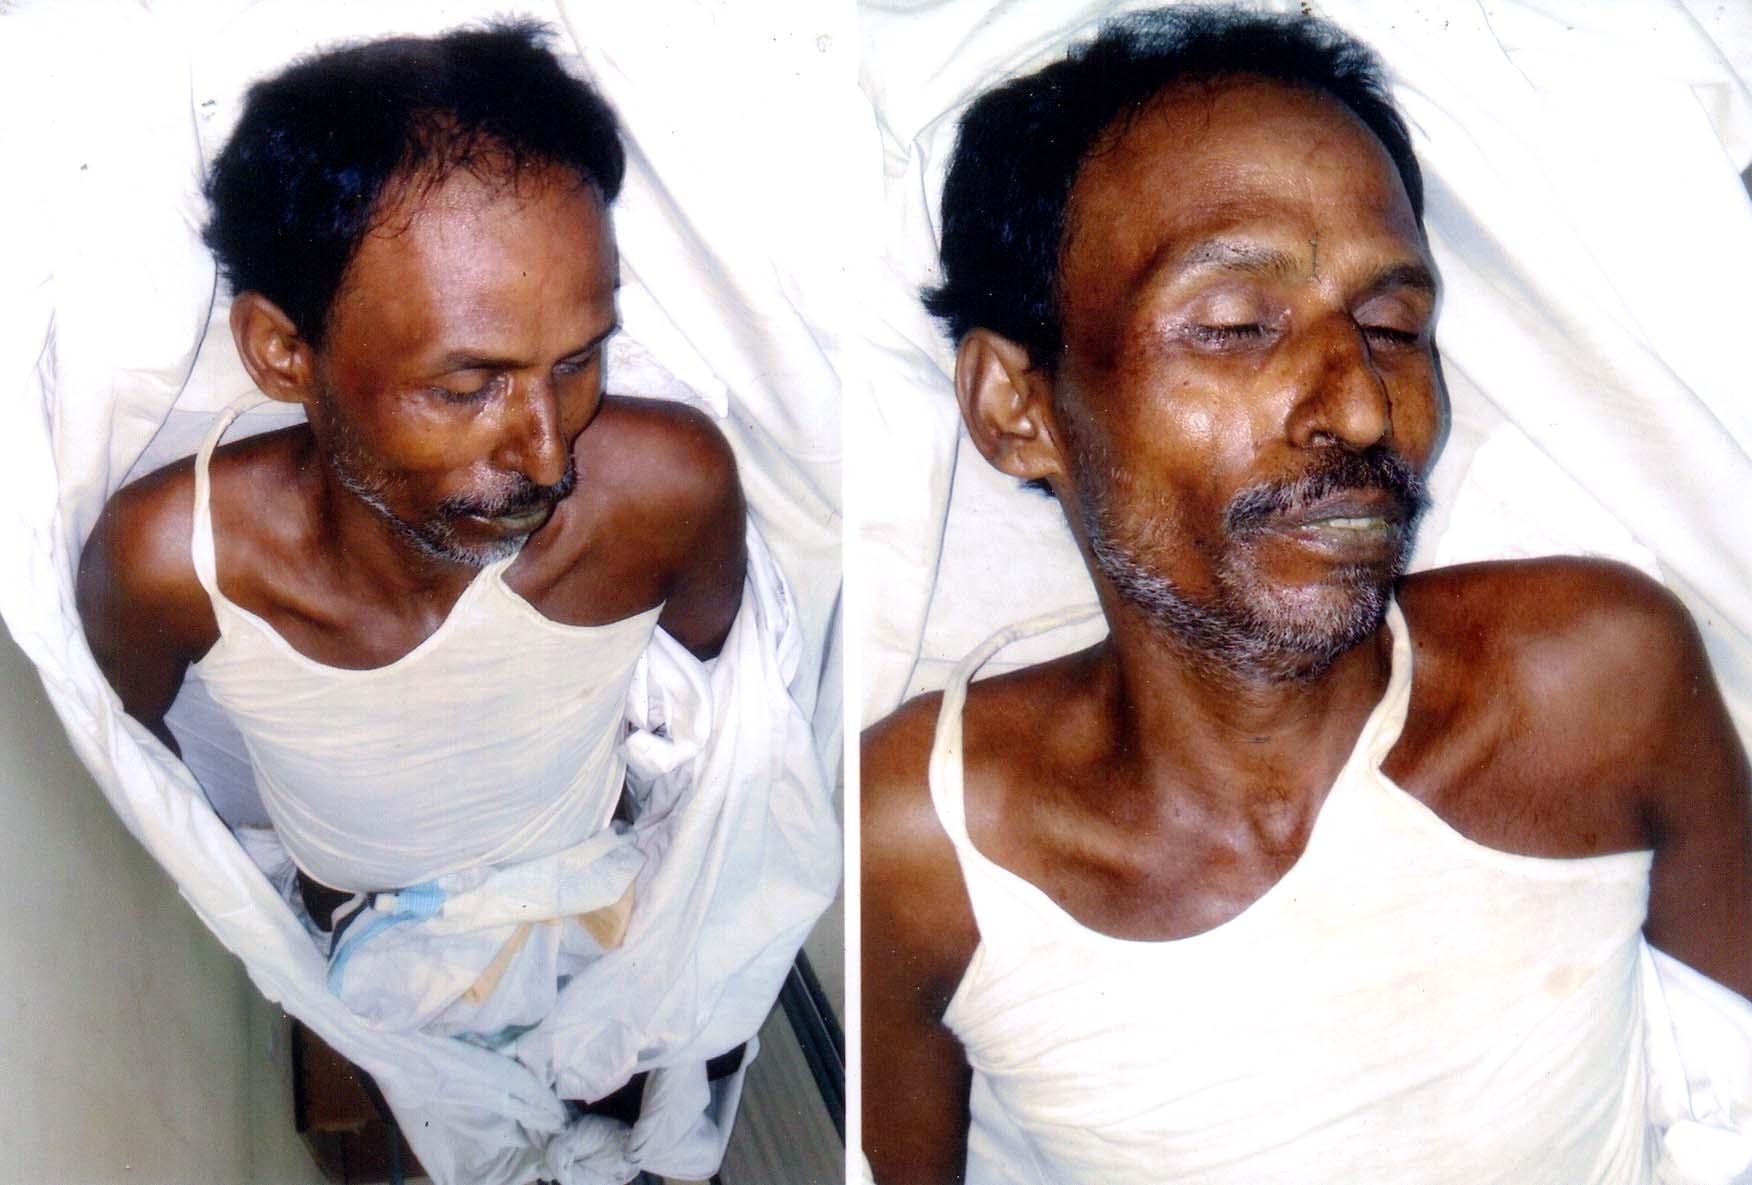 অজ্ঞাতনামার আত্মীয় স্বজনকে খুঁজছে পুলিশ